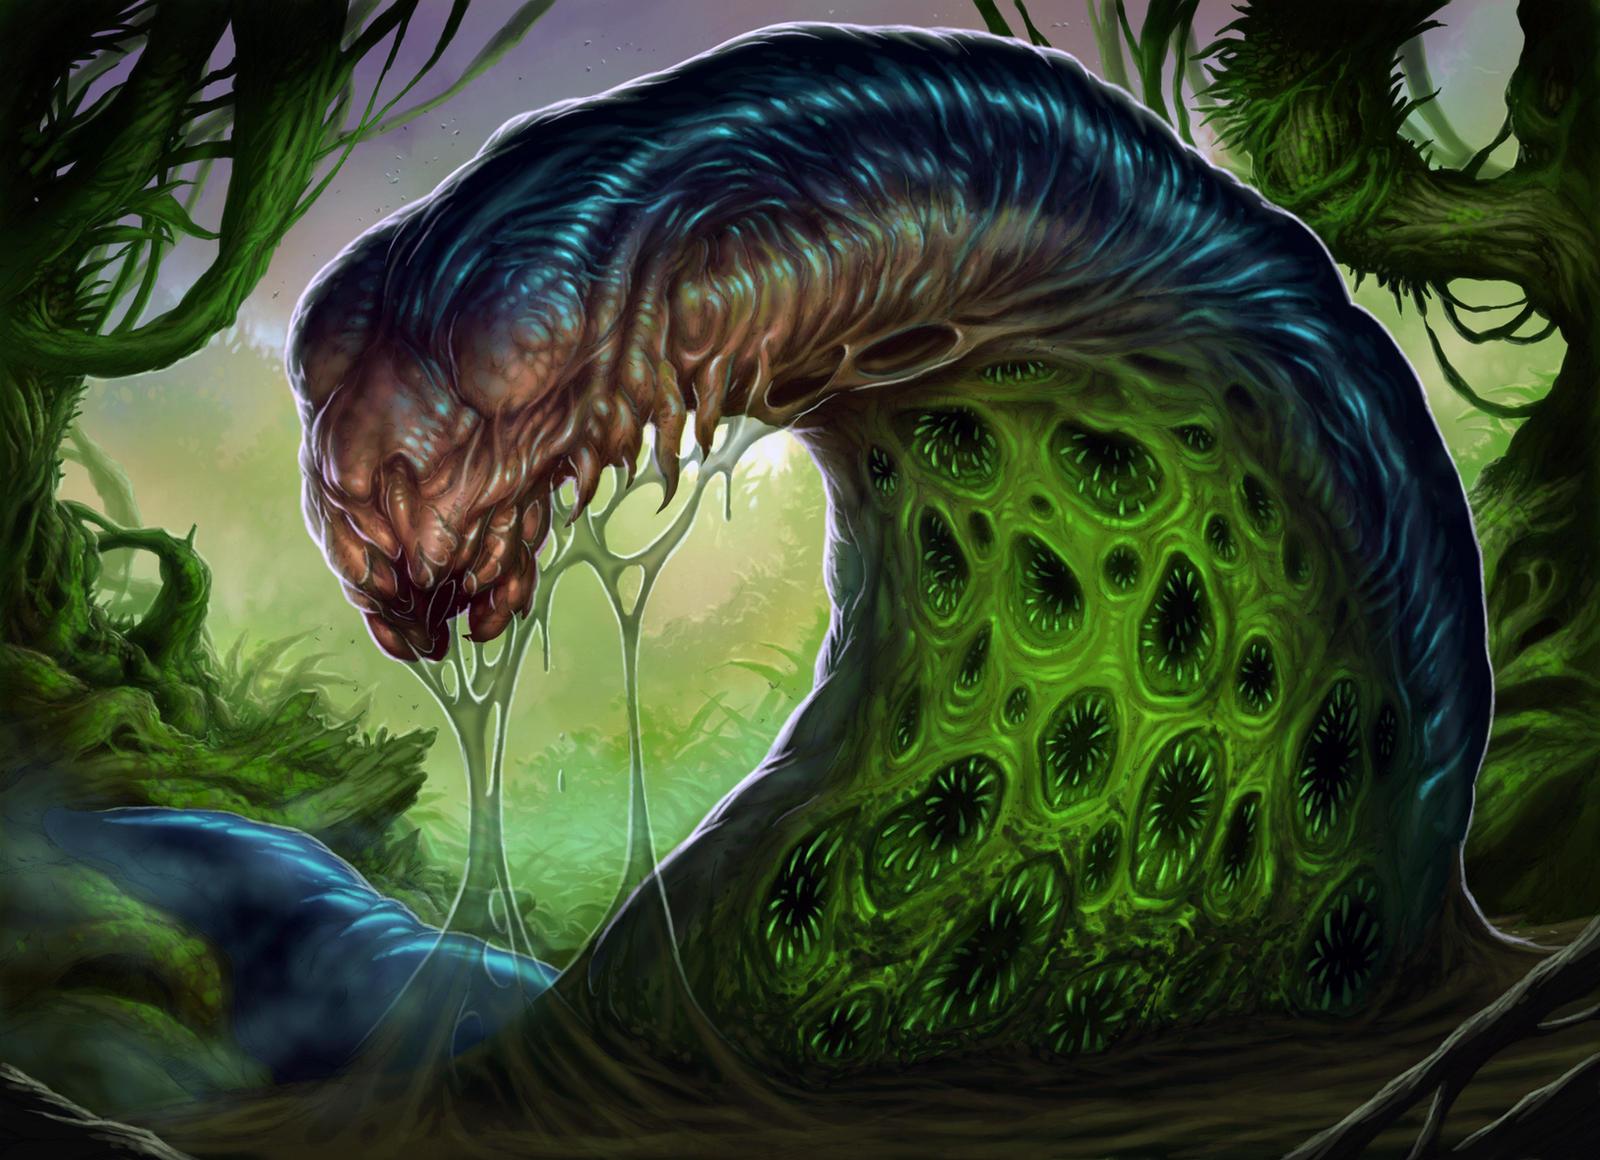 Putrid Leech by DaveAllsop